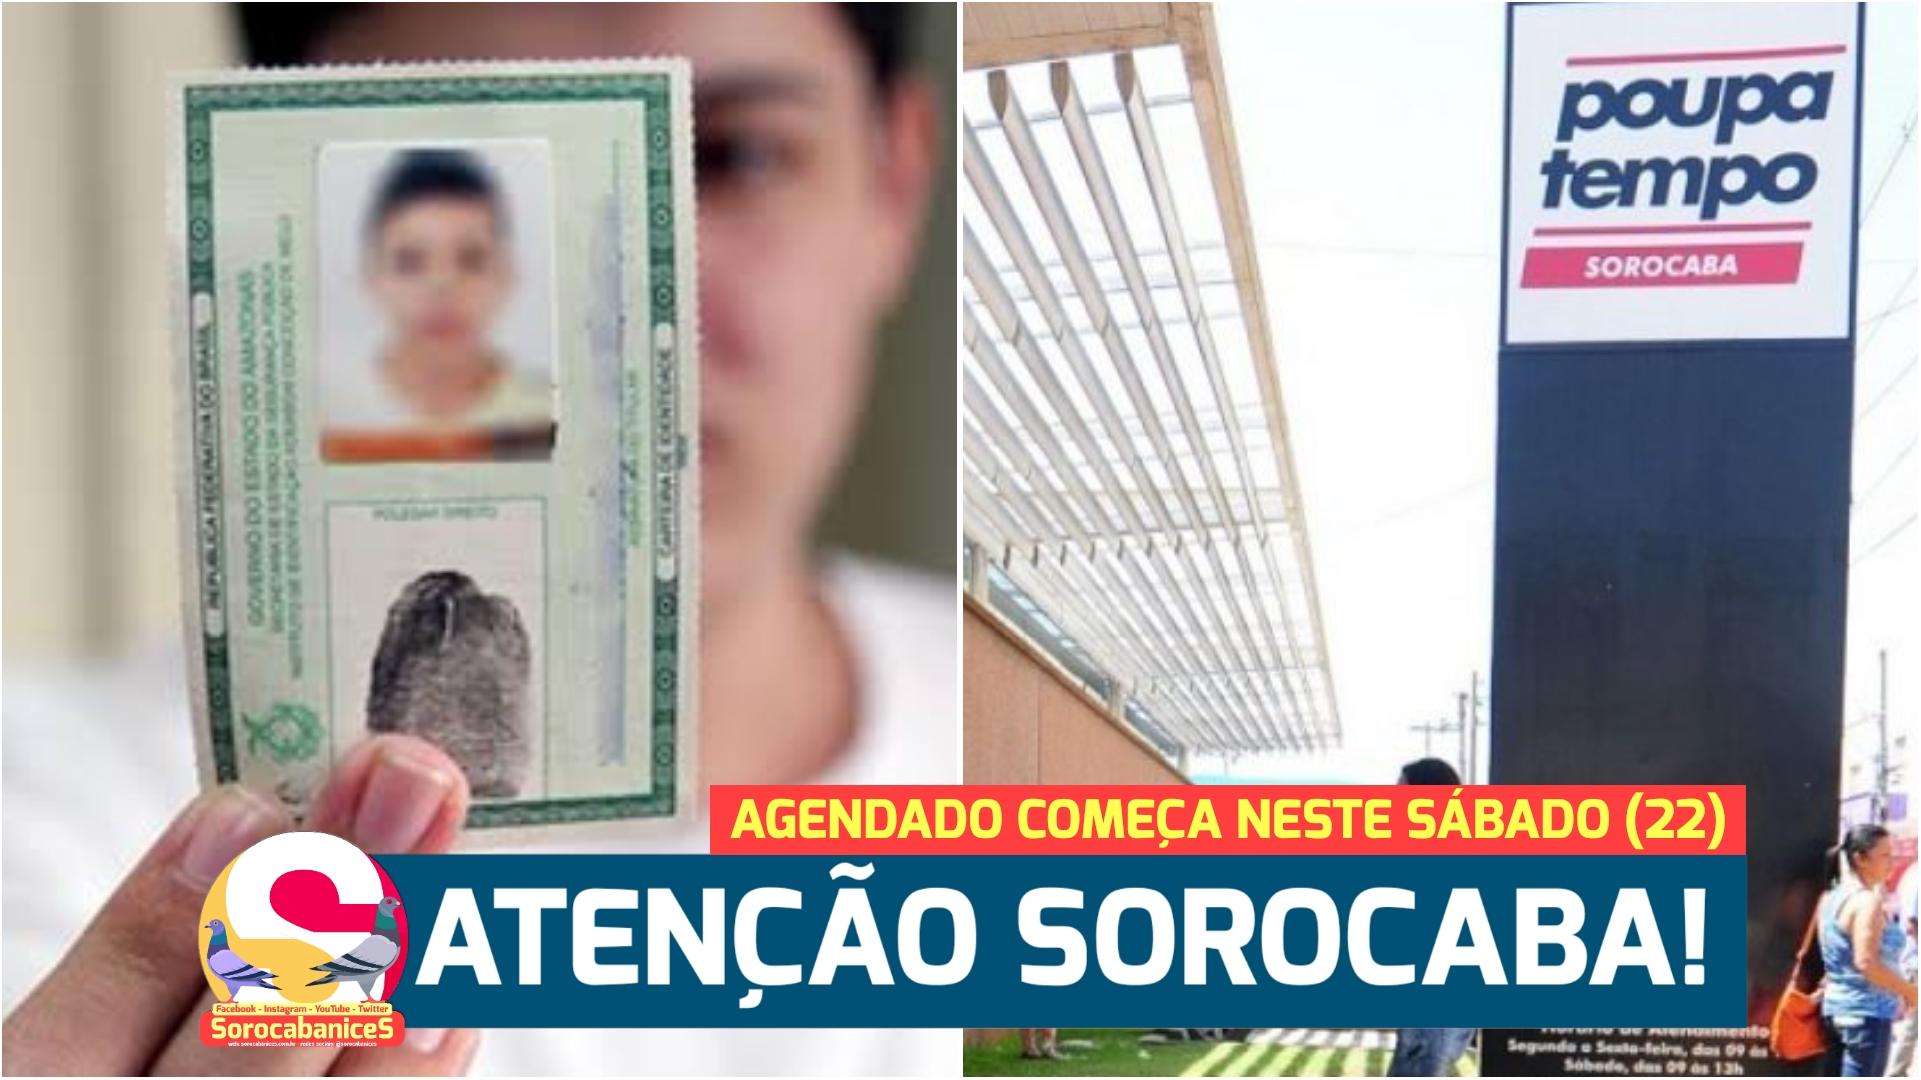 Poupatempo fará mutirão para emissão de RG em Sorocaba